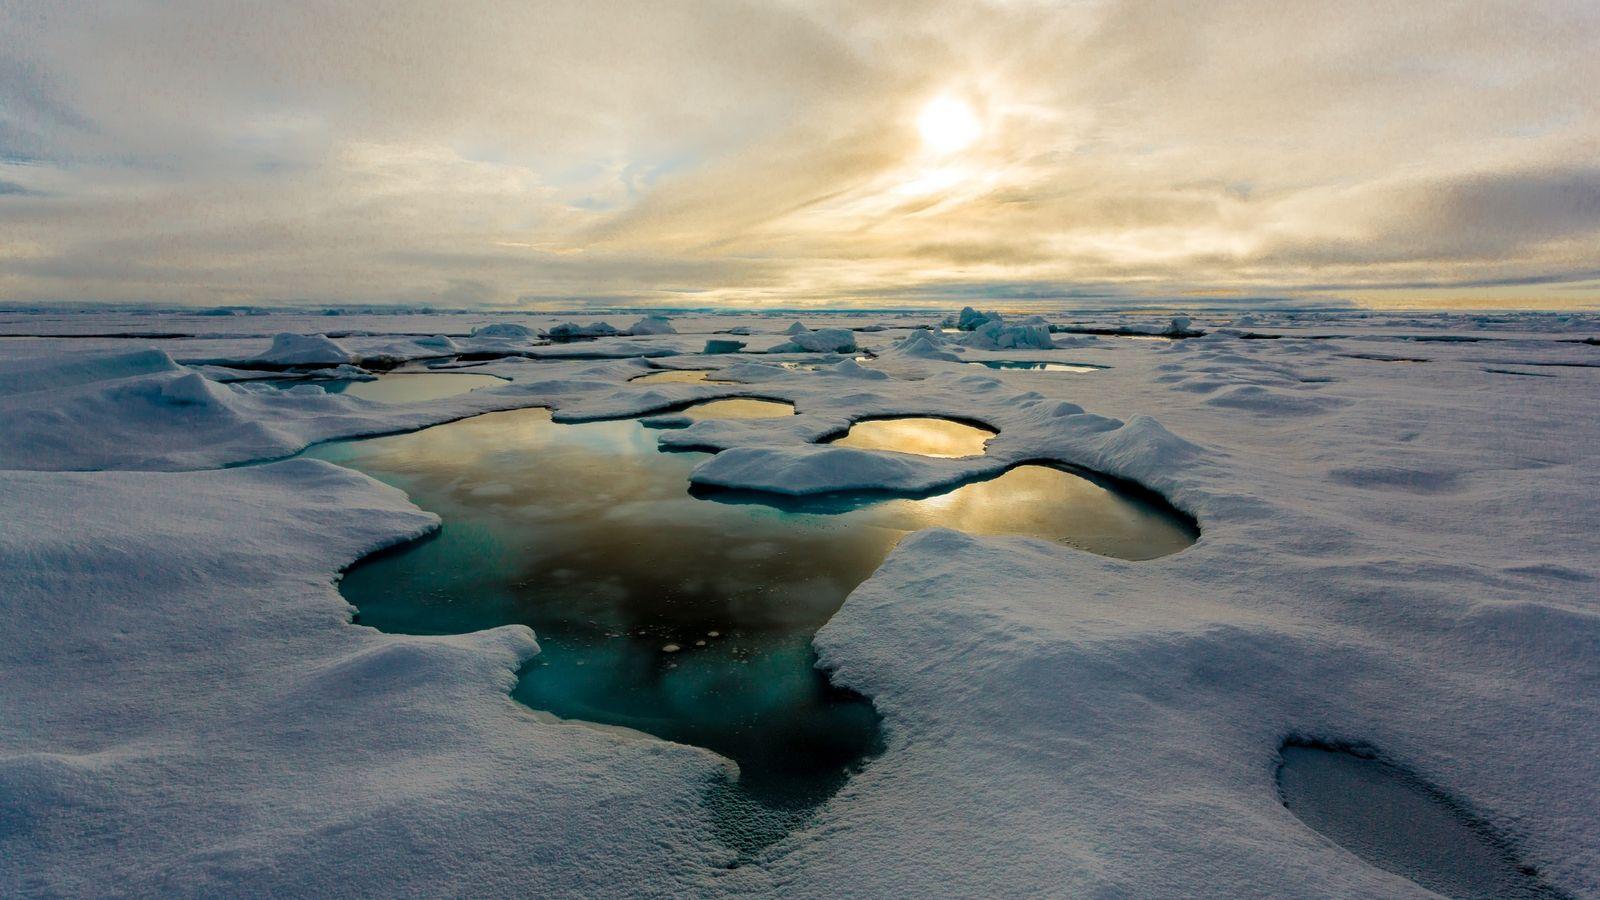 Glace de mer sur l'océan Arctique, au large du Nunavut, au Canada. © S. Hendricks